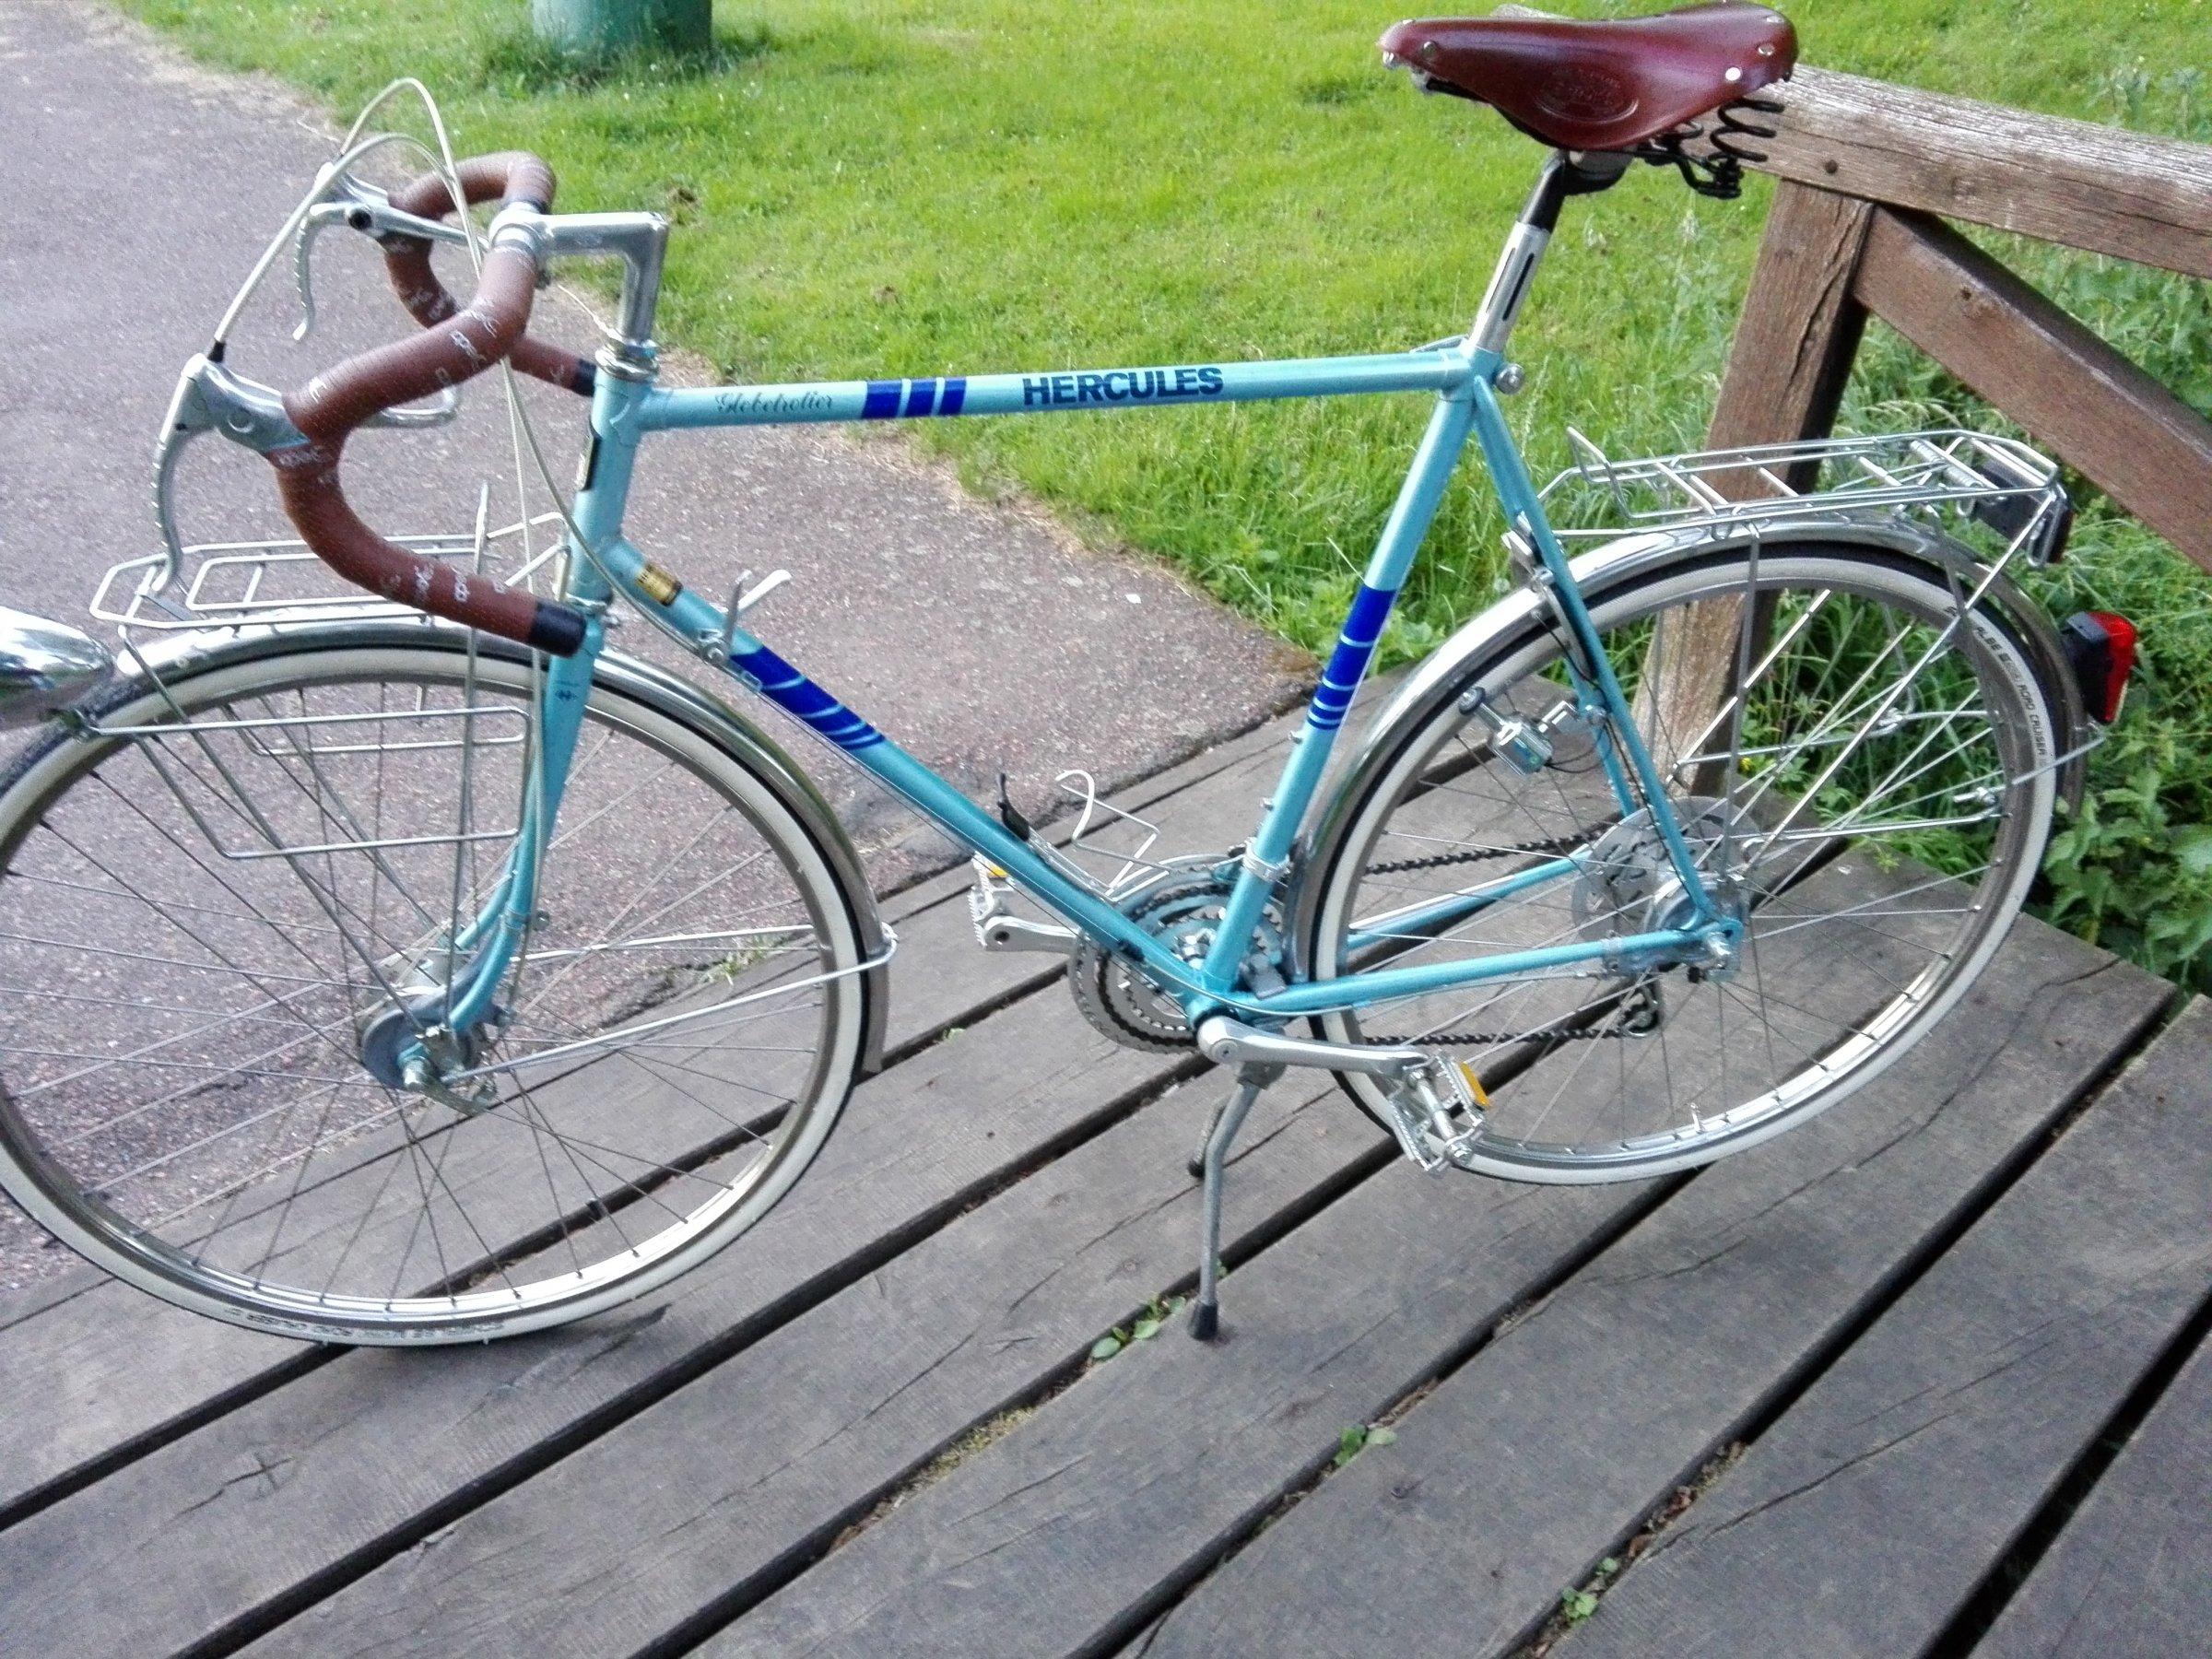 Großzügig Hercules Fahrradrahmennummern Zeitgenössisch ...